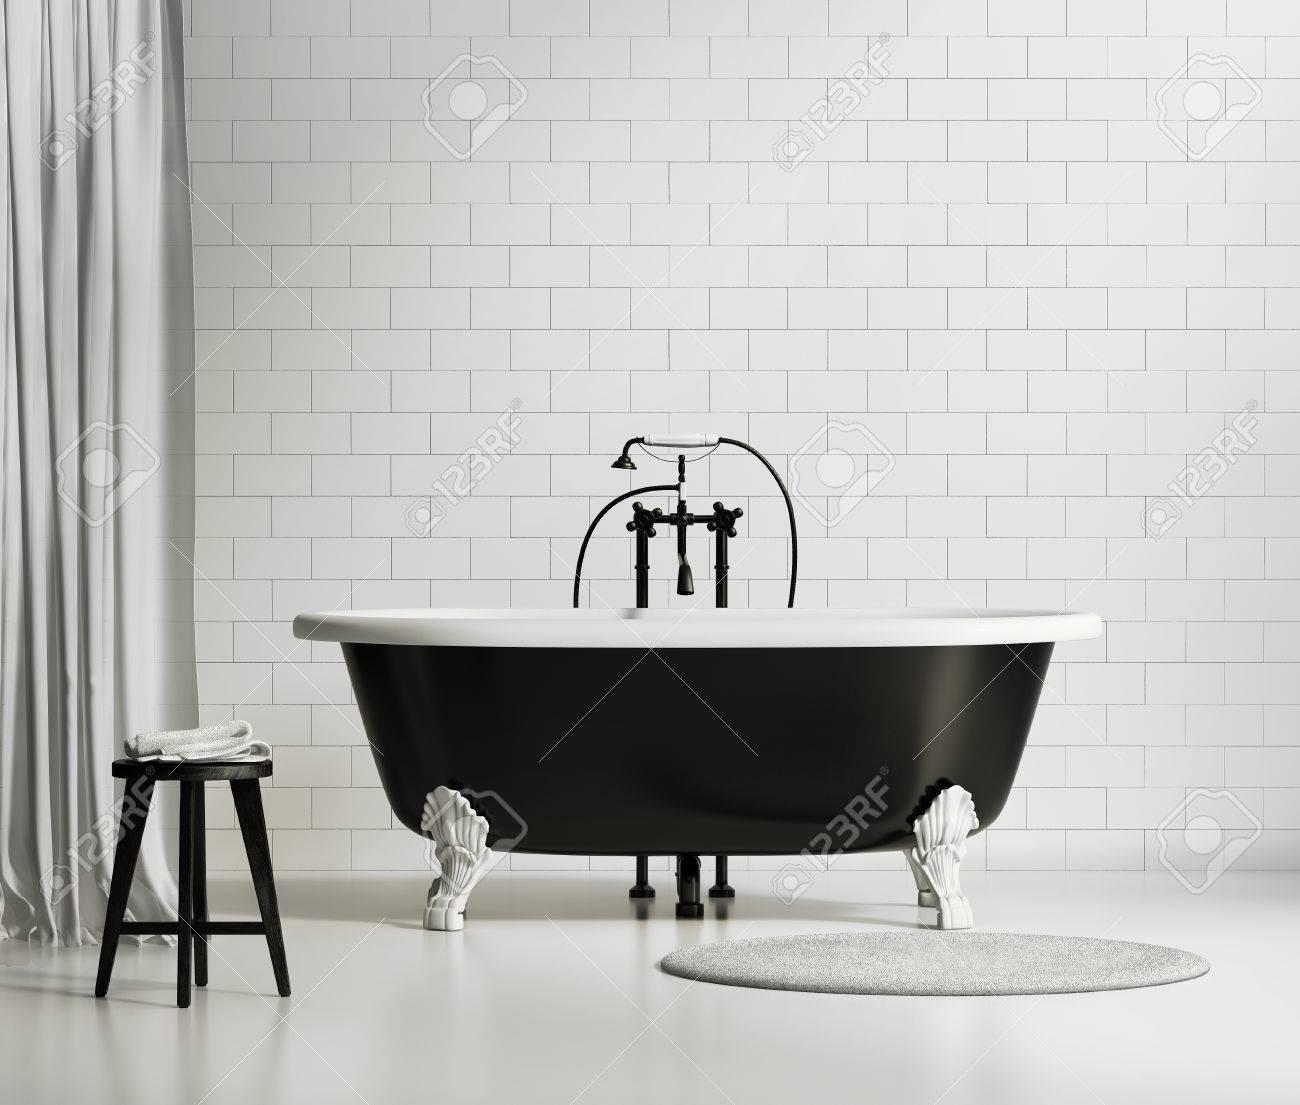 Vasca Da Bagno vasca da bagno nera : vasche da bagno design - arredo bagno. vasche da bagno incassate ...